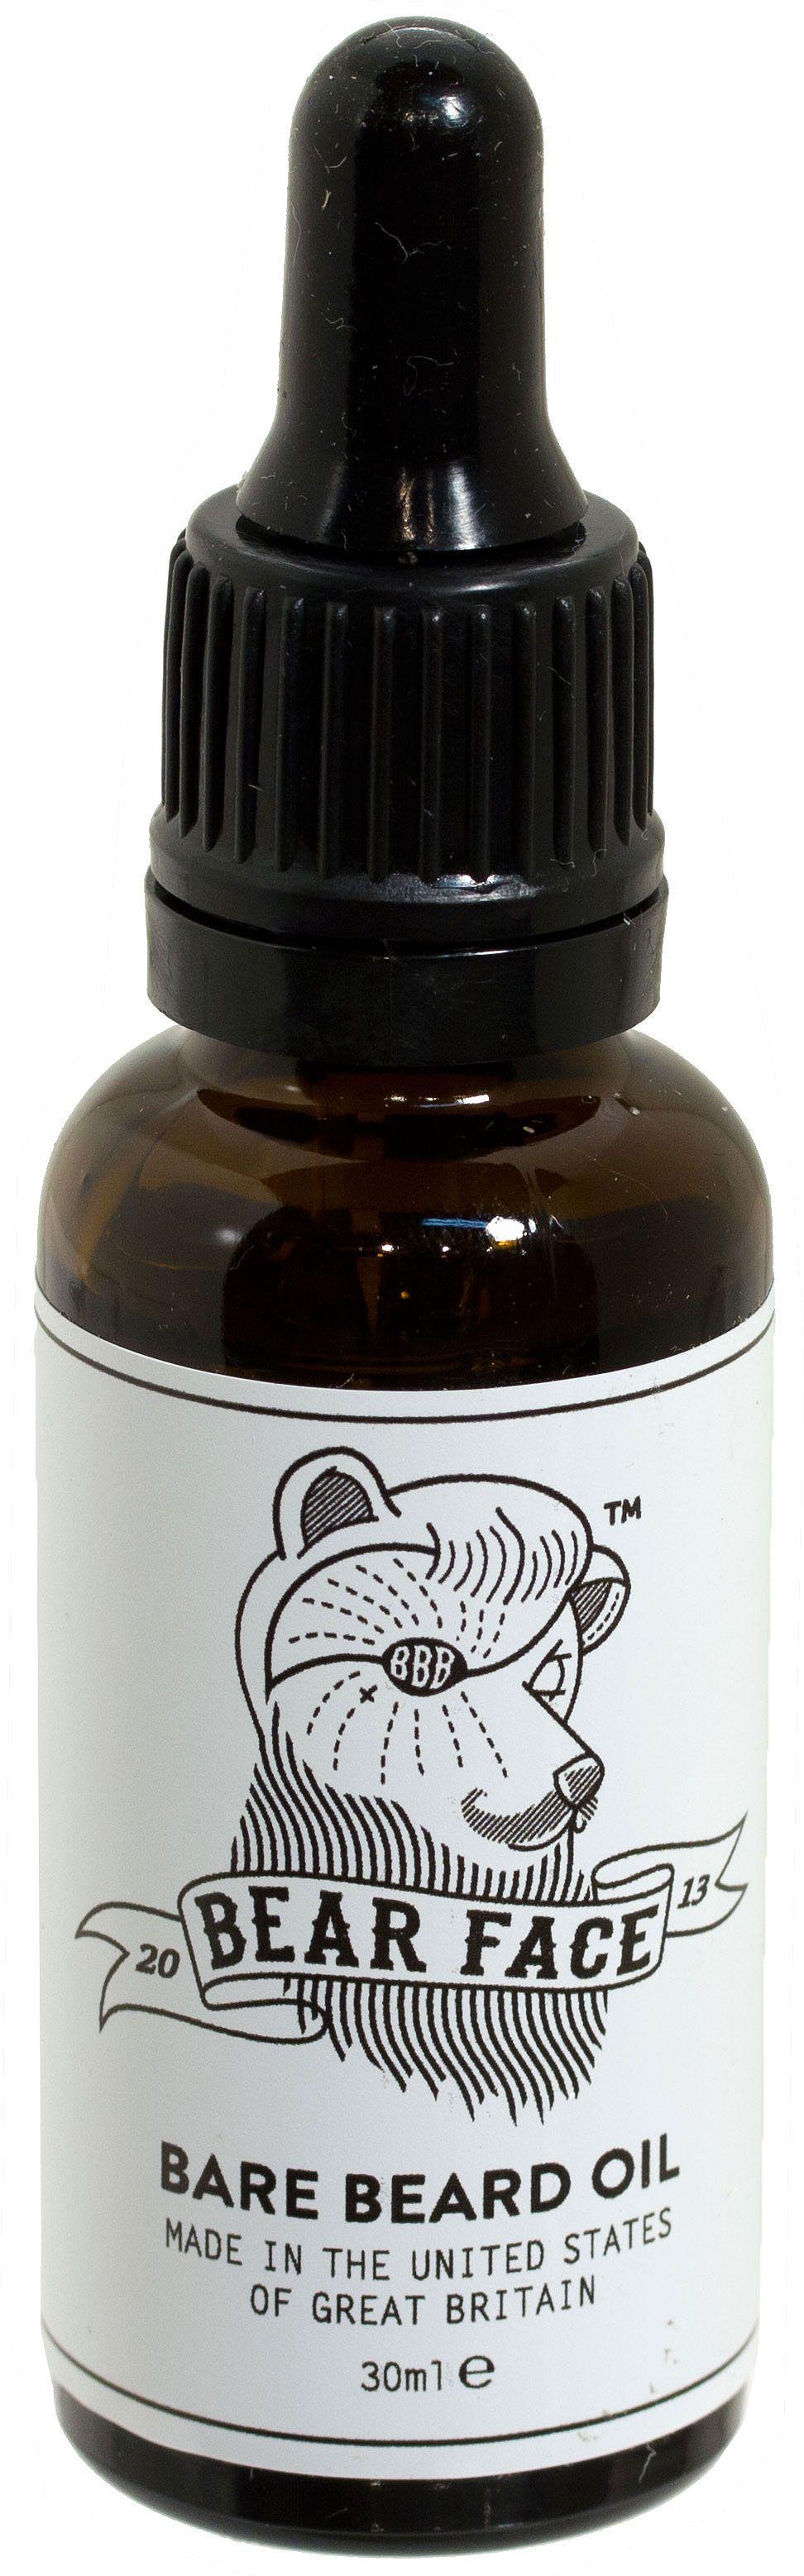 Bear Face Bare Beard Oil for All Faces, 30ml Eye Dropper Bottle